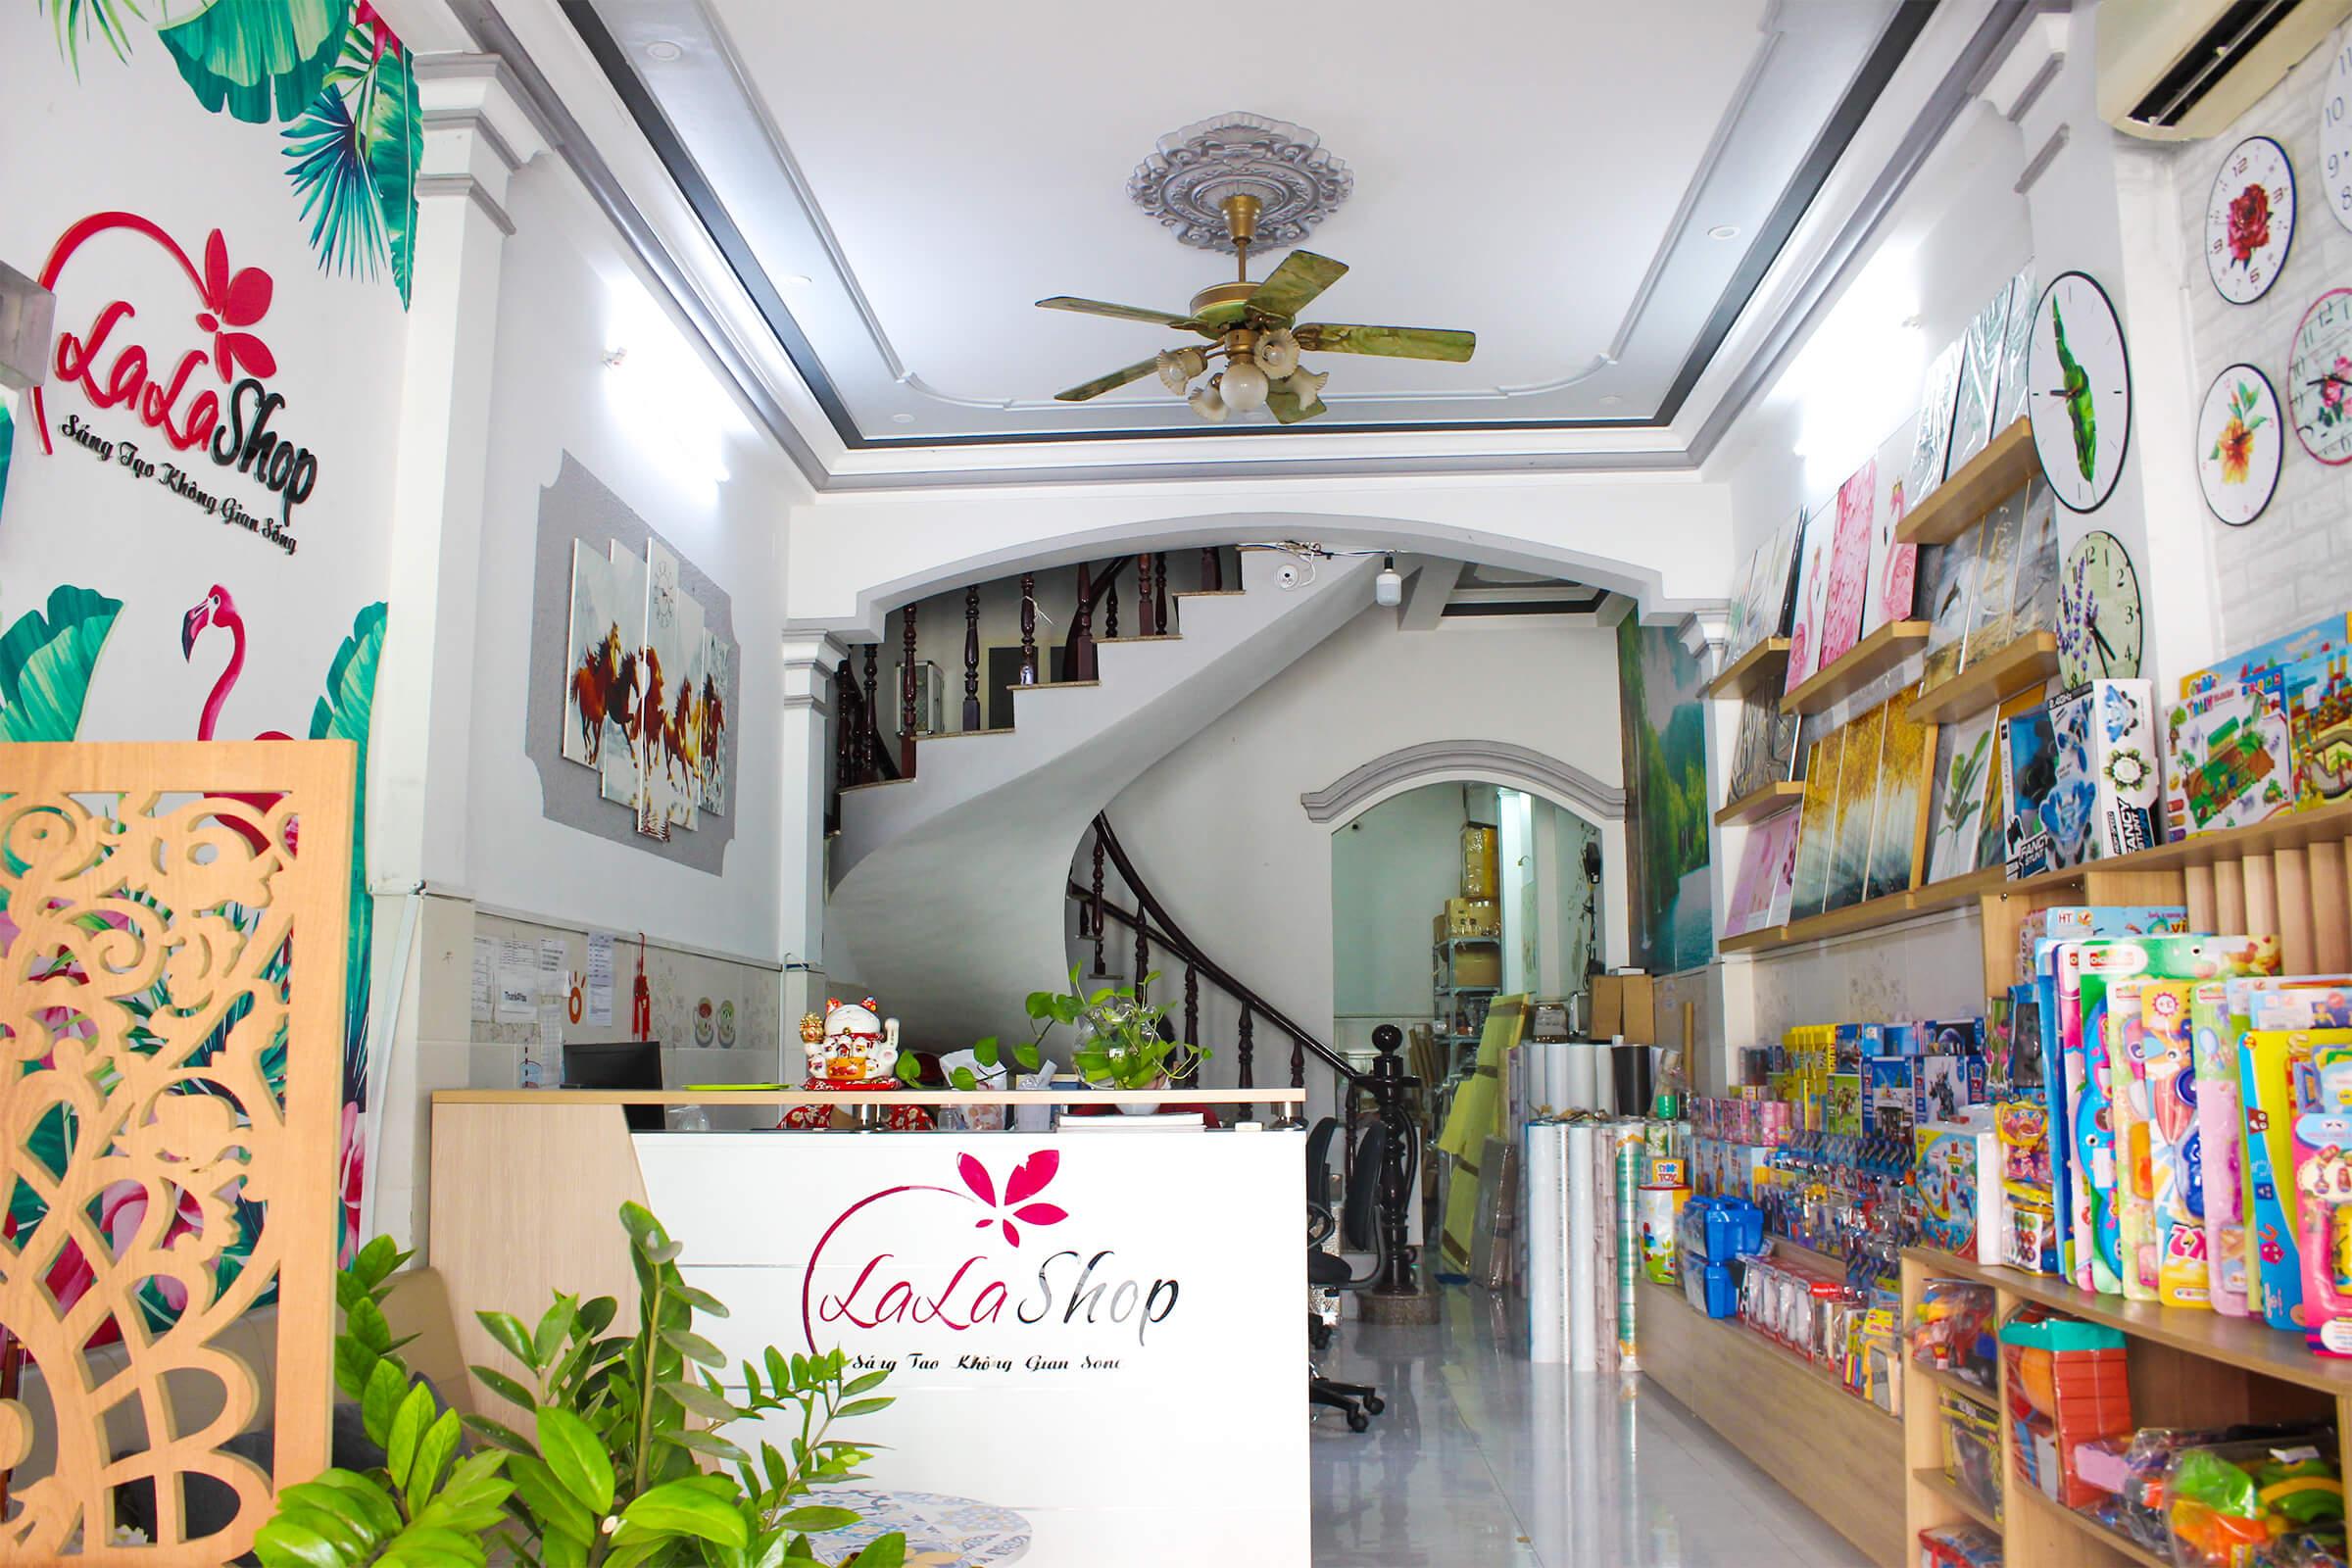 Cửa hàng Lala Shop chuyên bán các sản phẩm trang trí nội thất tại tphcm